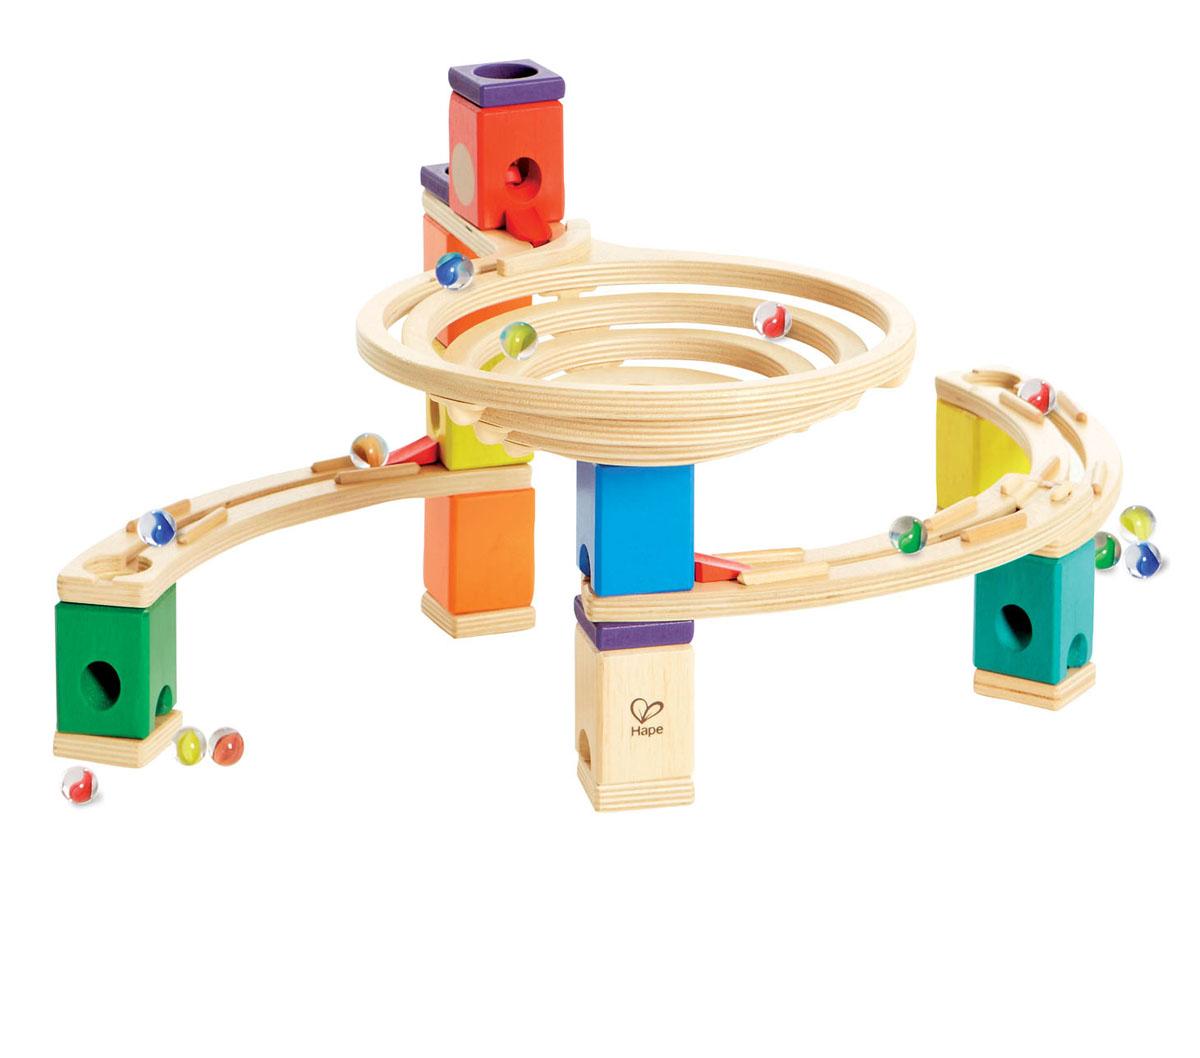 Конструктор Hape Quadrilla, 91 элементЕ6005Конструктор Hape Quadrilla непременно понравится вашему ребенку и надолго займет его внимание! Он состоит из множества разноцветных деревянных кубиков с отверстиями, деревянных элементов с желобом, спиральной воронки и разноцветных шариков. Из кубиков и других элементов можно построить яркий лабиринт различной конфигурации. Кидая шарики в воронку, малыш наблюдает, как они скатываются вниз по выстроенным лабиринтам. Вид конструкции ребенок может менять на свое усмотрение. Малыш может играть как самостоятельно, так и в компании друзей или родителей. В комплект входит мешочек, в котором удобно хранить мелкие элементы. Игра с конструктором Quadrilla развивает навыки мелкой моторики, воображение, пространственное мышление, позволяет юному строителю проявить свой творческий потенциал, способствует осознанию причинно-следственных связей.